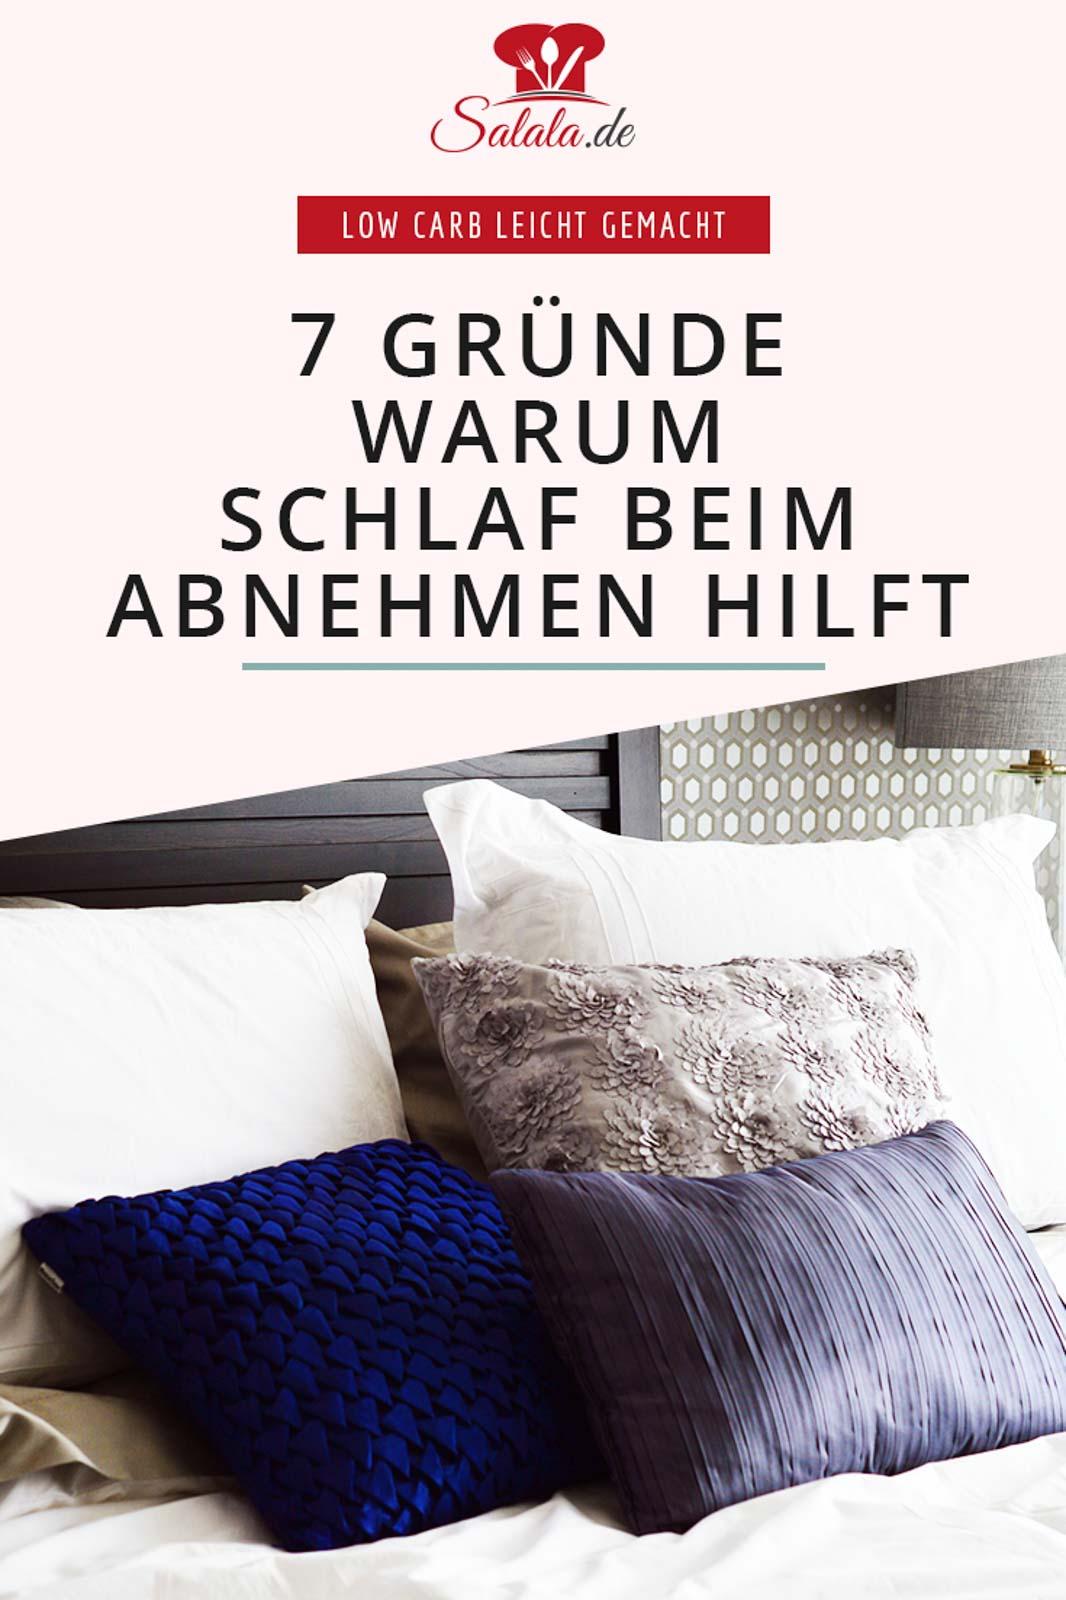 Wie hängen Schlaf und Abnehmen zusammen? Hat Schlaf wirklich einen Einfluss auf dein Hungergefühl? Kannst Du mit genügend Schlaf wirklich schlank werden? Ob du wirklich Schlank im Schlaf werden kannst, das erfährst du in diesem Artikel. Und auch, was Low Carb damit zu tun hat. #schlankimschlaf #abnehmen #schlafen #schlafqualität #lowcarbschlafen #schlafundabnehmen #abnehmenimschlaf